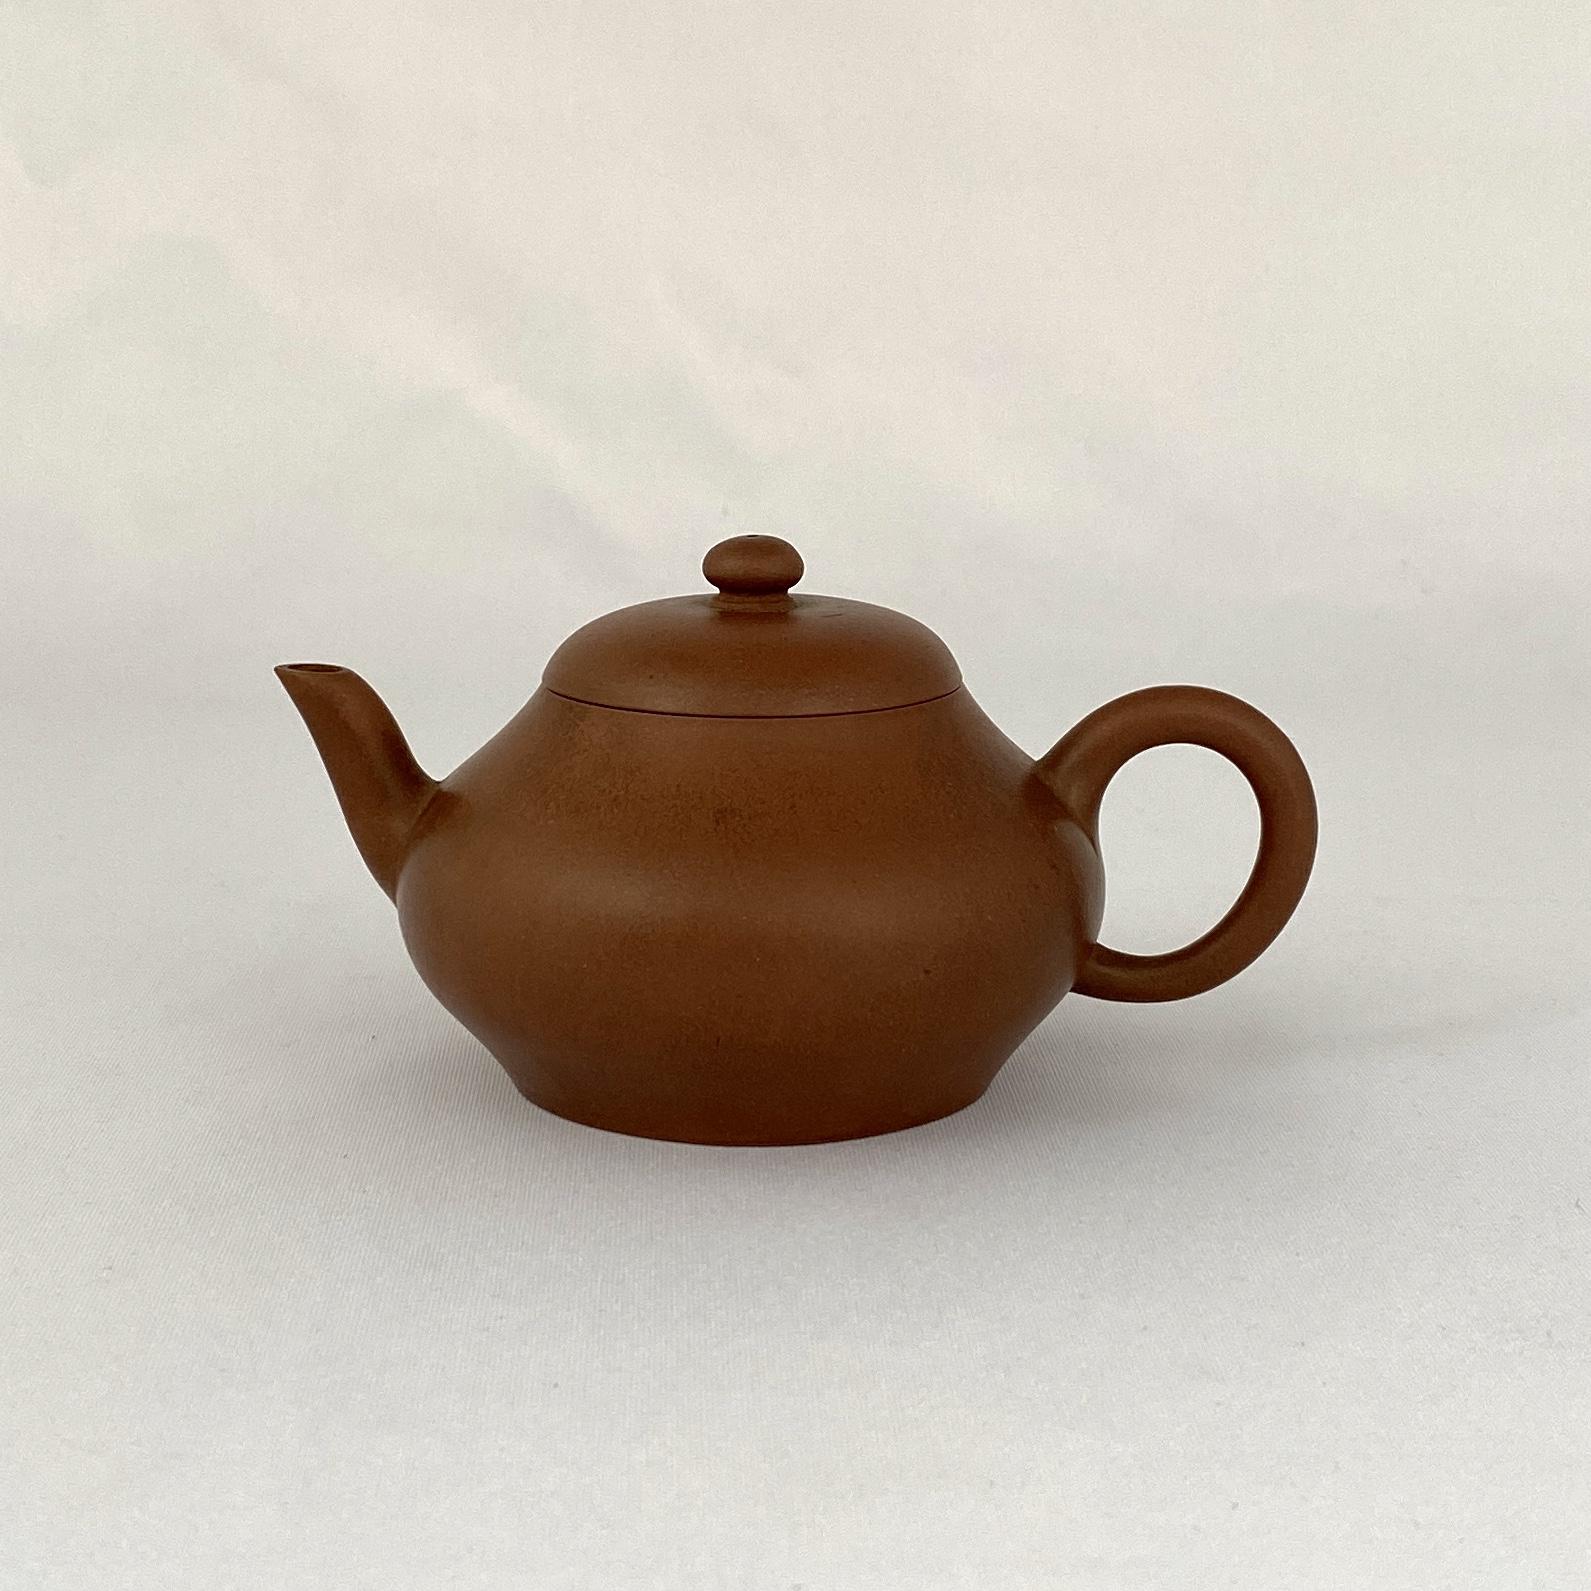 10176清「留佩」款 朱泥 茶壺